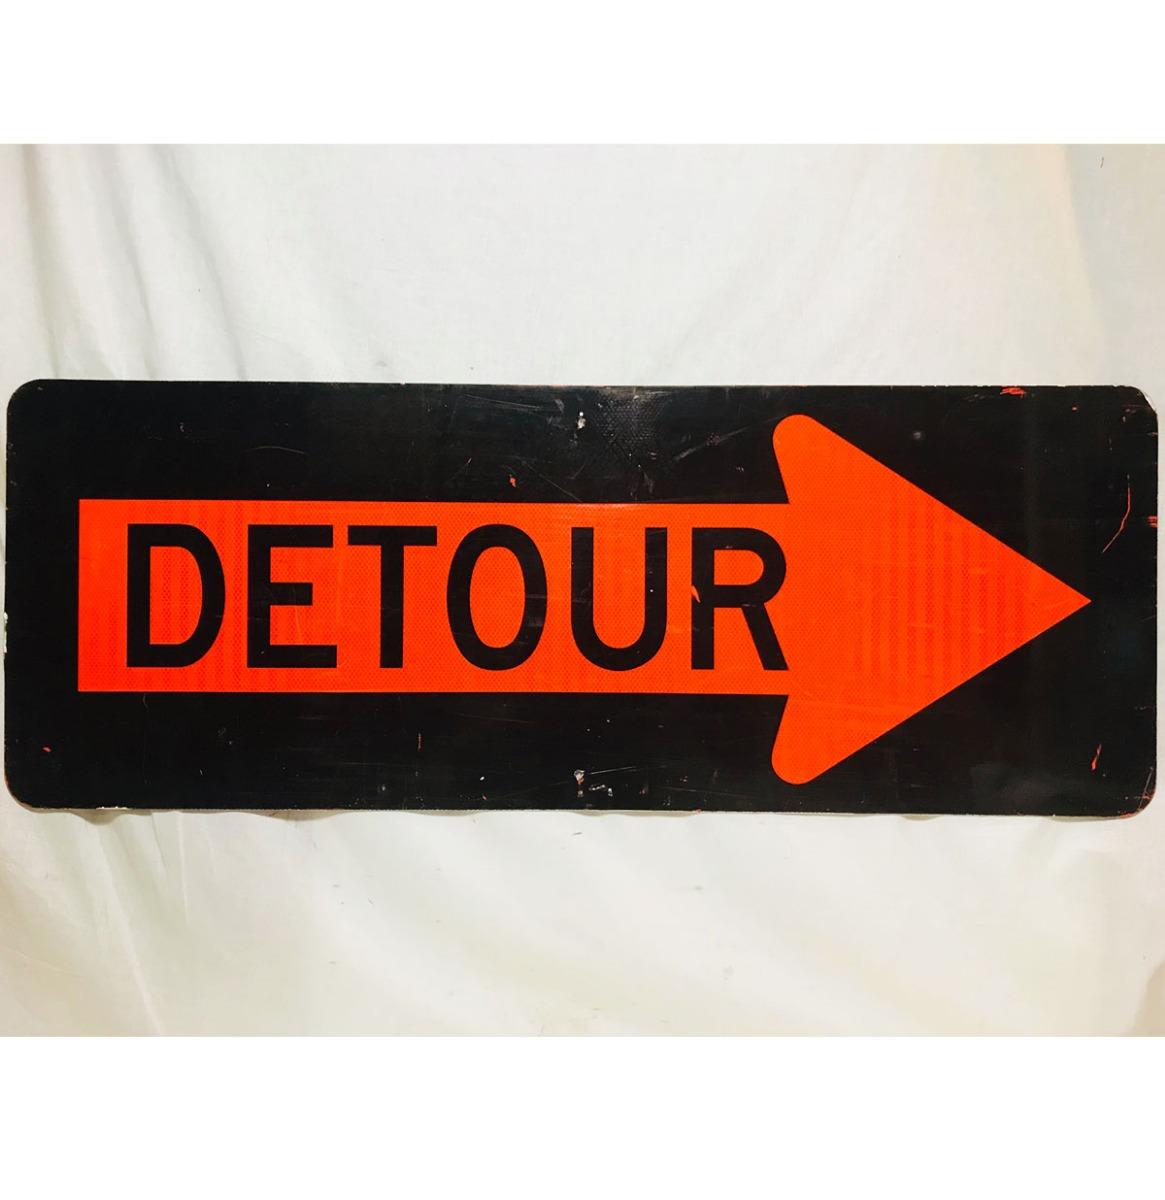 Detour Straatbord - Origineel - Large